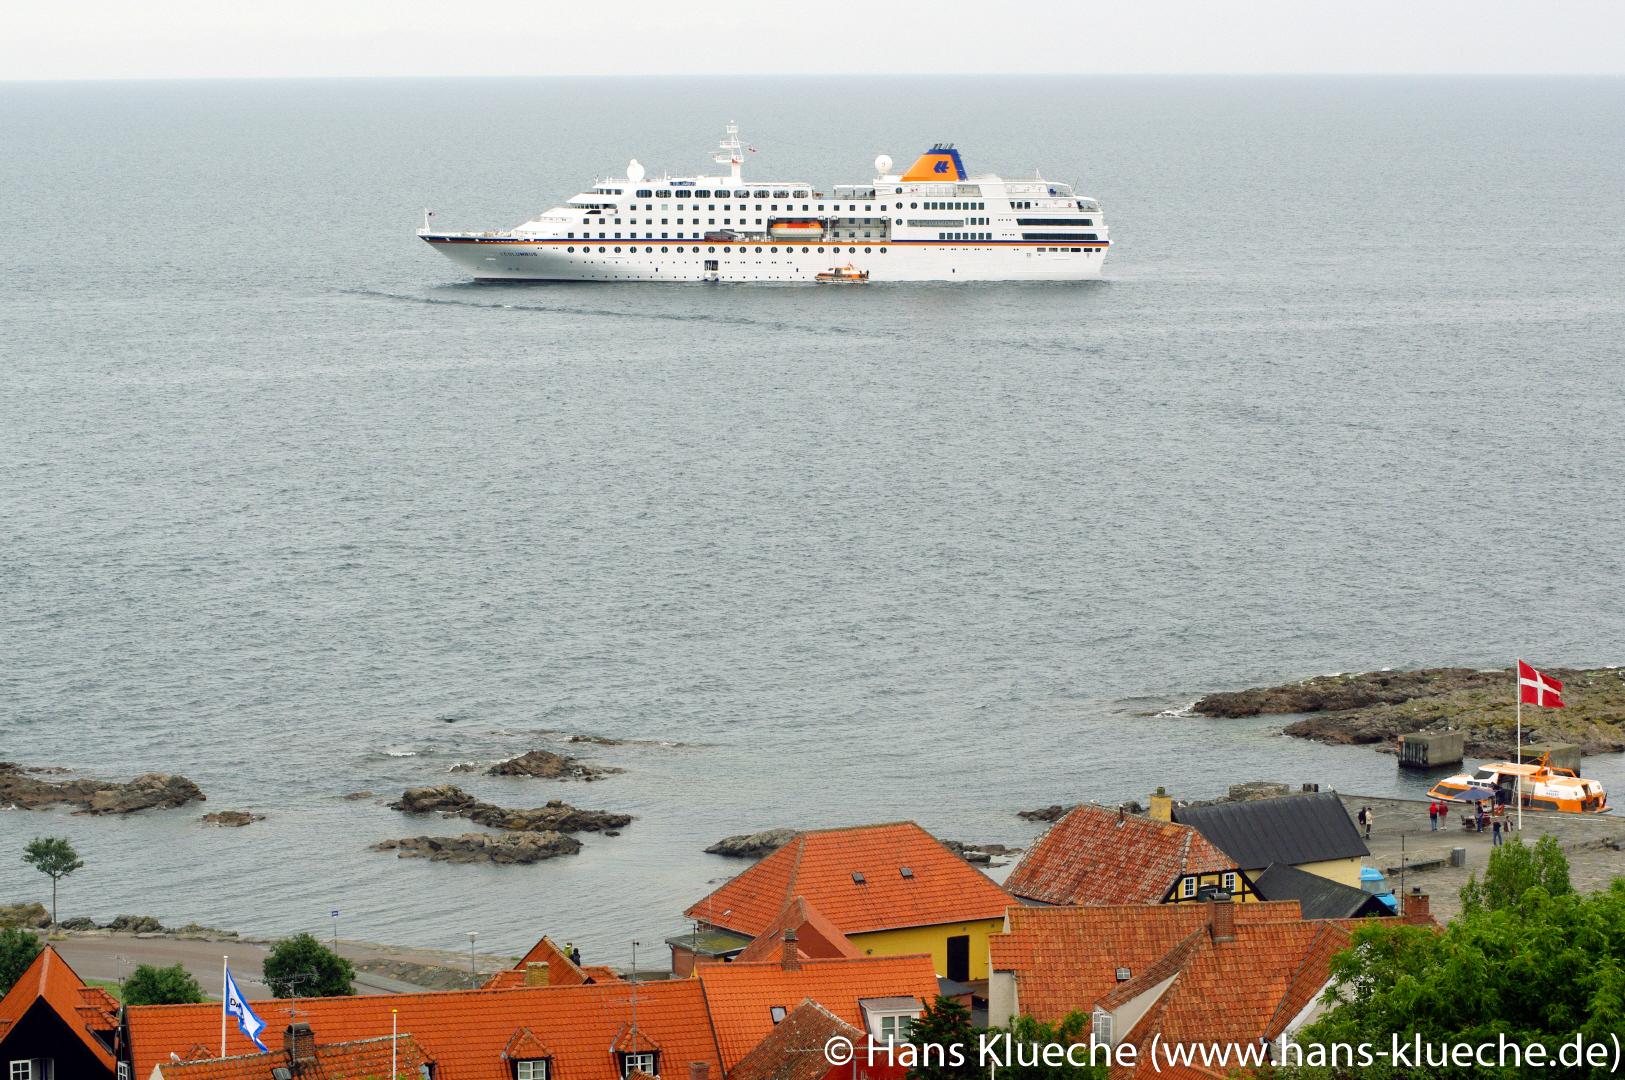 Gudhjem Bornholm Hafen mit Kreuzfahtschiff